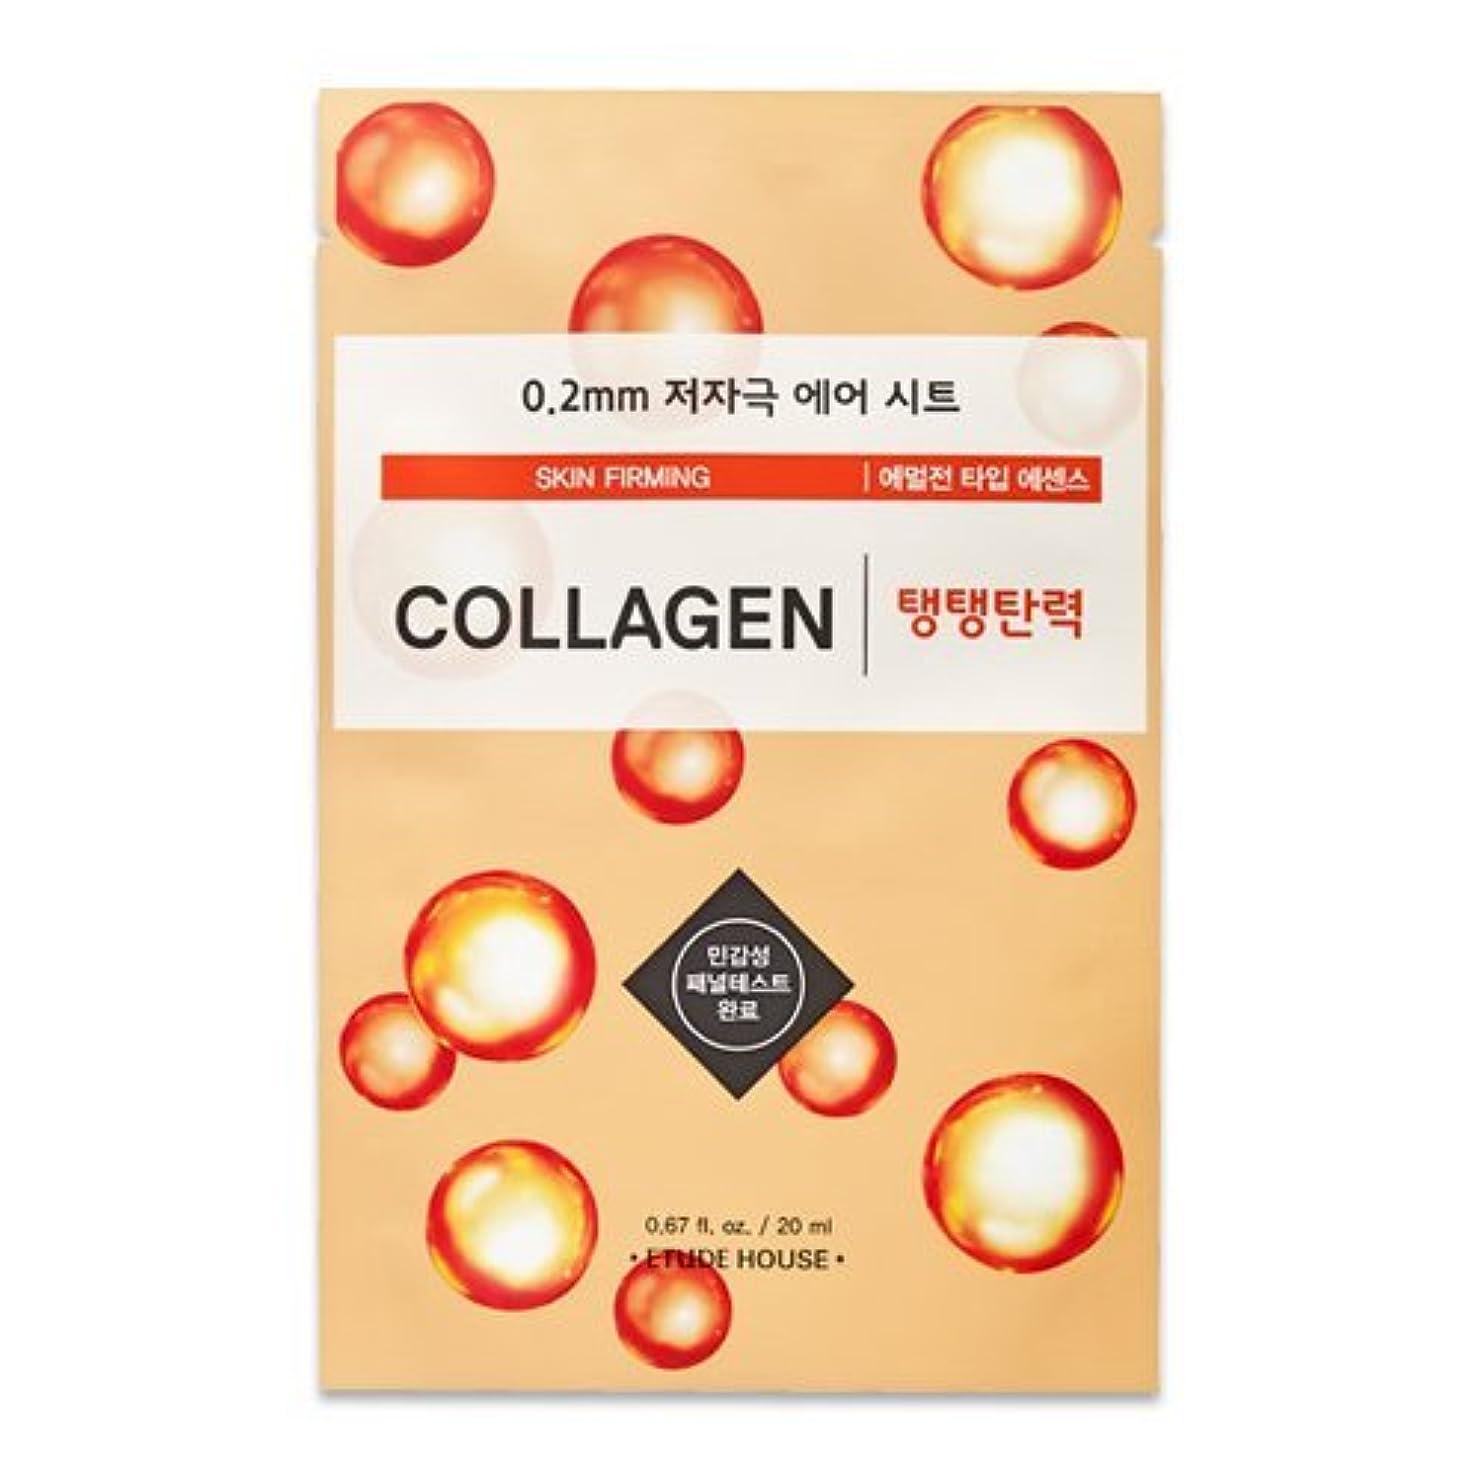 オーチャード店員不幸ETUDE HOUSE 0.2 Therapy Air Mask 20ml×10ea (#12 Collagen)/エチュードハウス 0.2 セラピー エア マスク 20ml×10枚 (#12 Collagen)